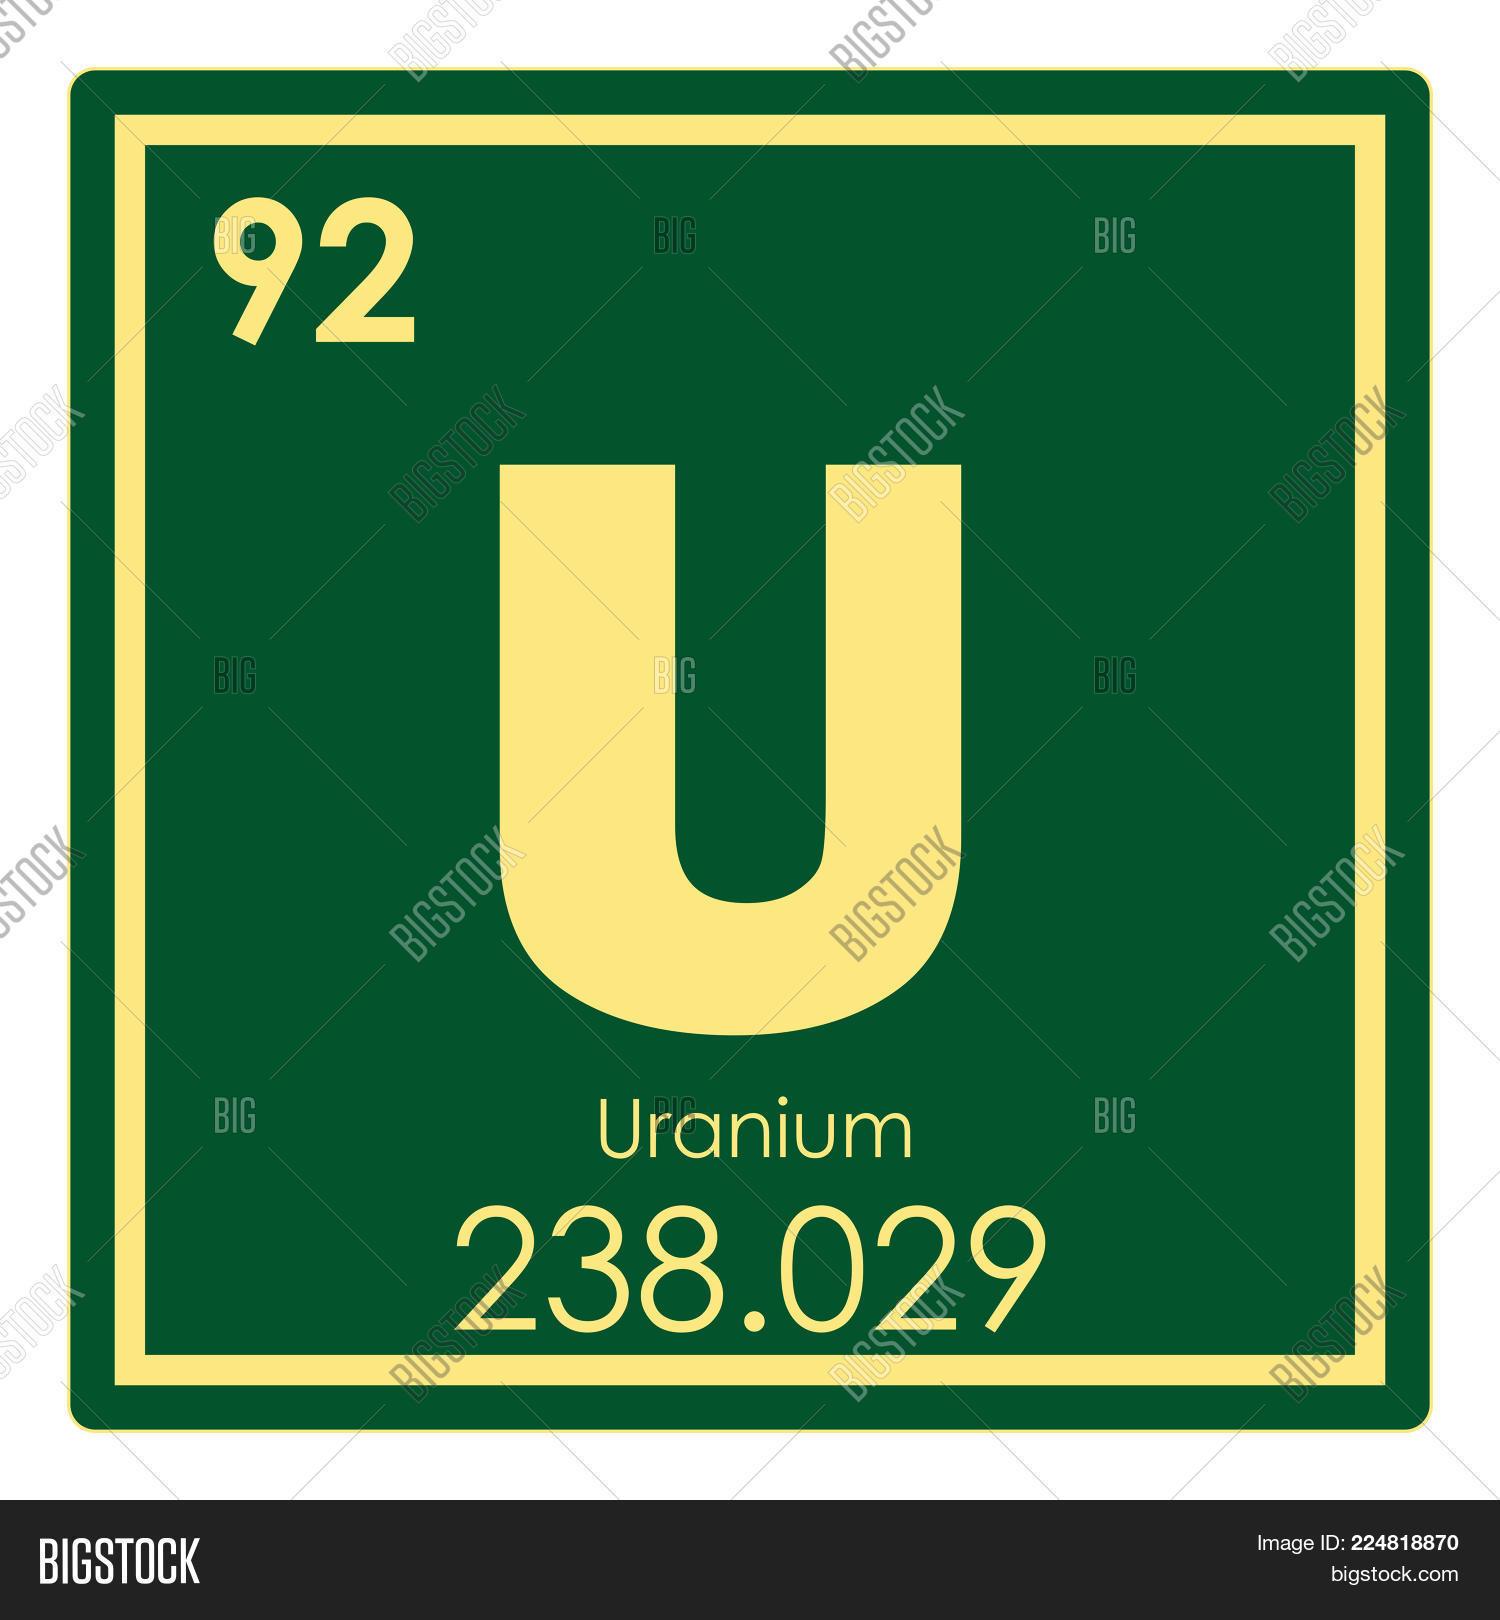 Uranium chemical element periodic image photo bigstock uranium chemical element periodic table science symbol buycottarizona Images